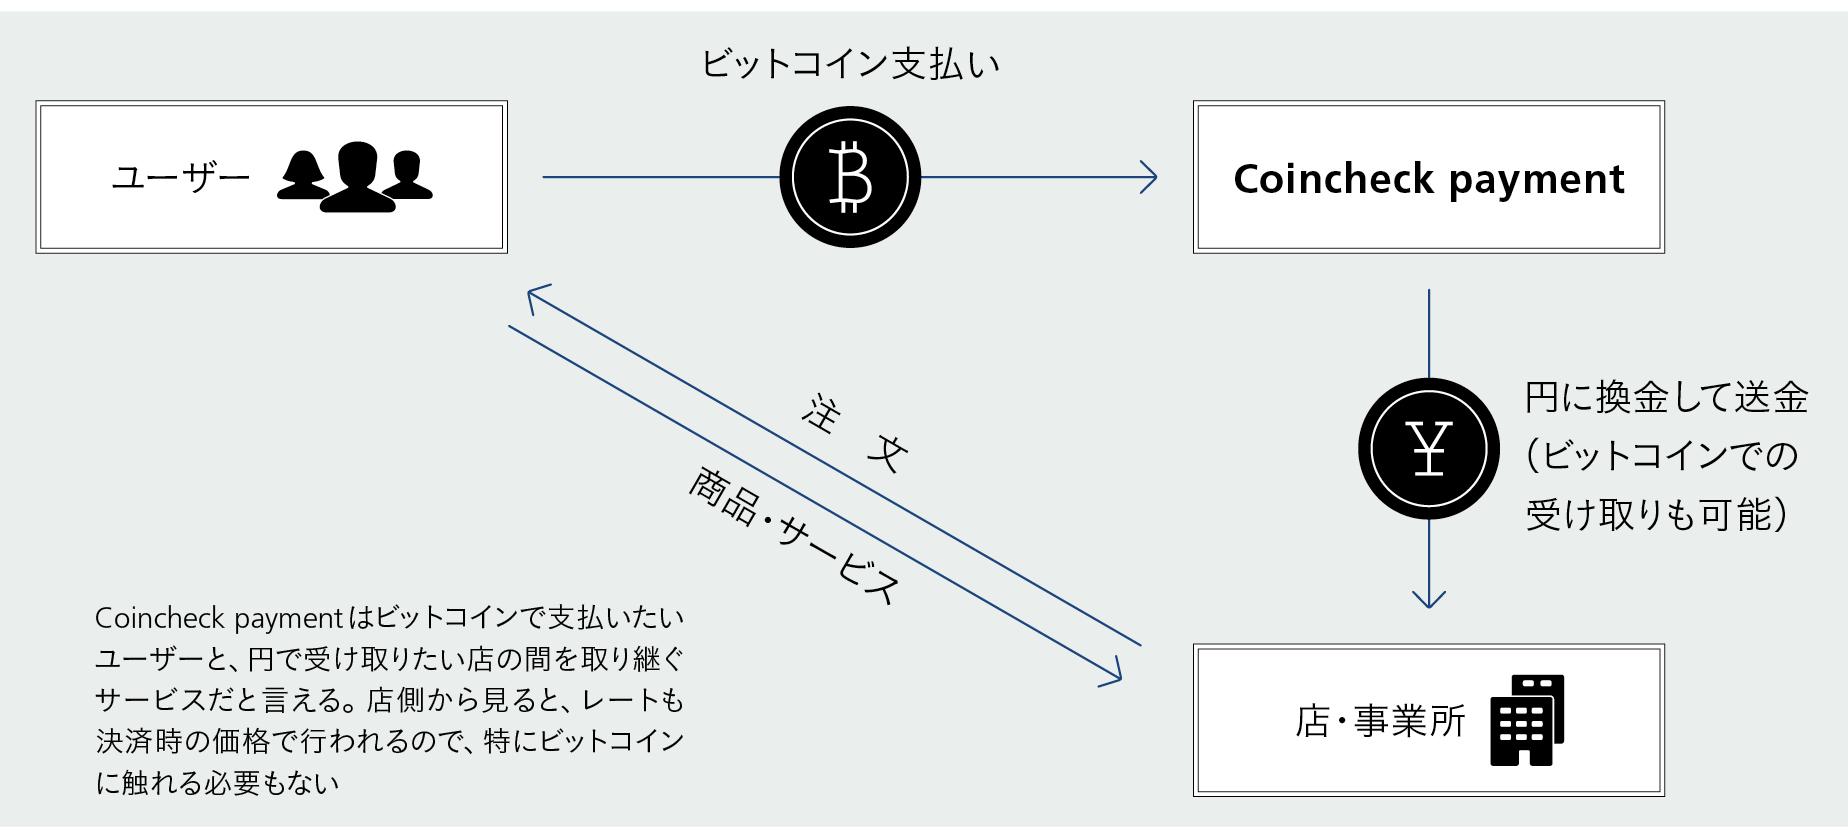 ビットコインを使った支払い方法とは?